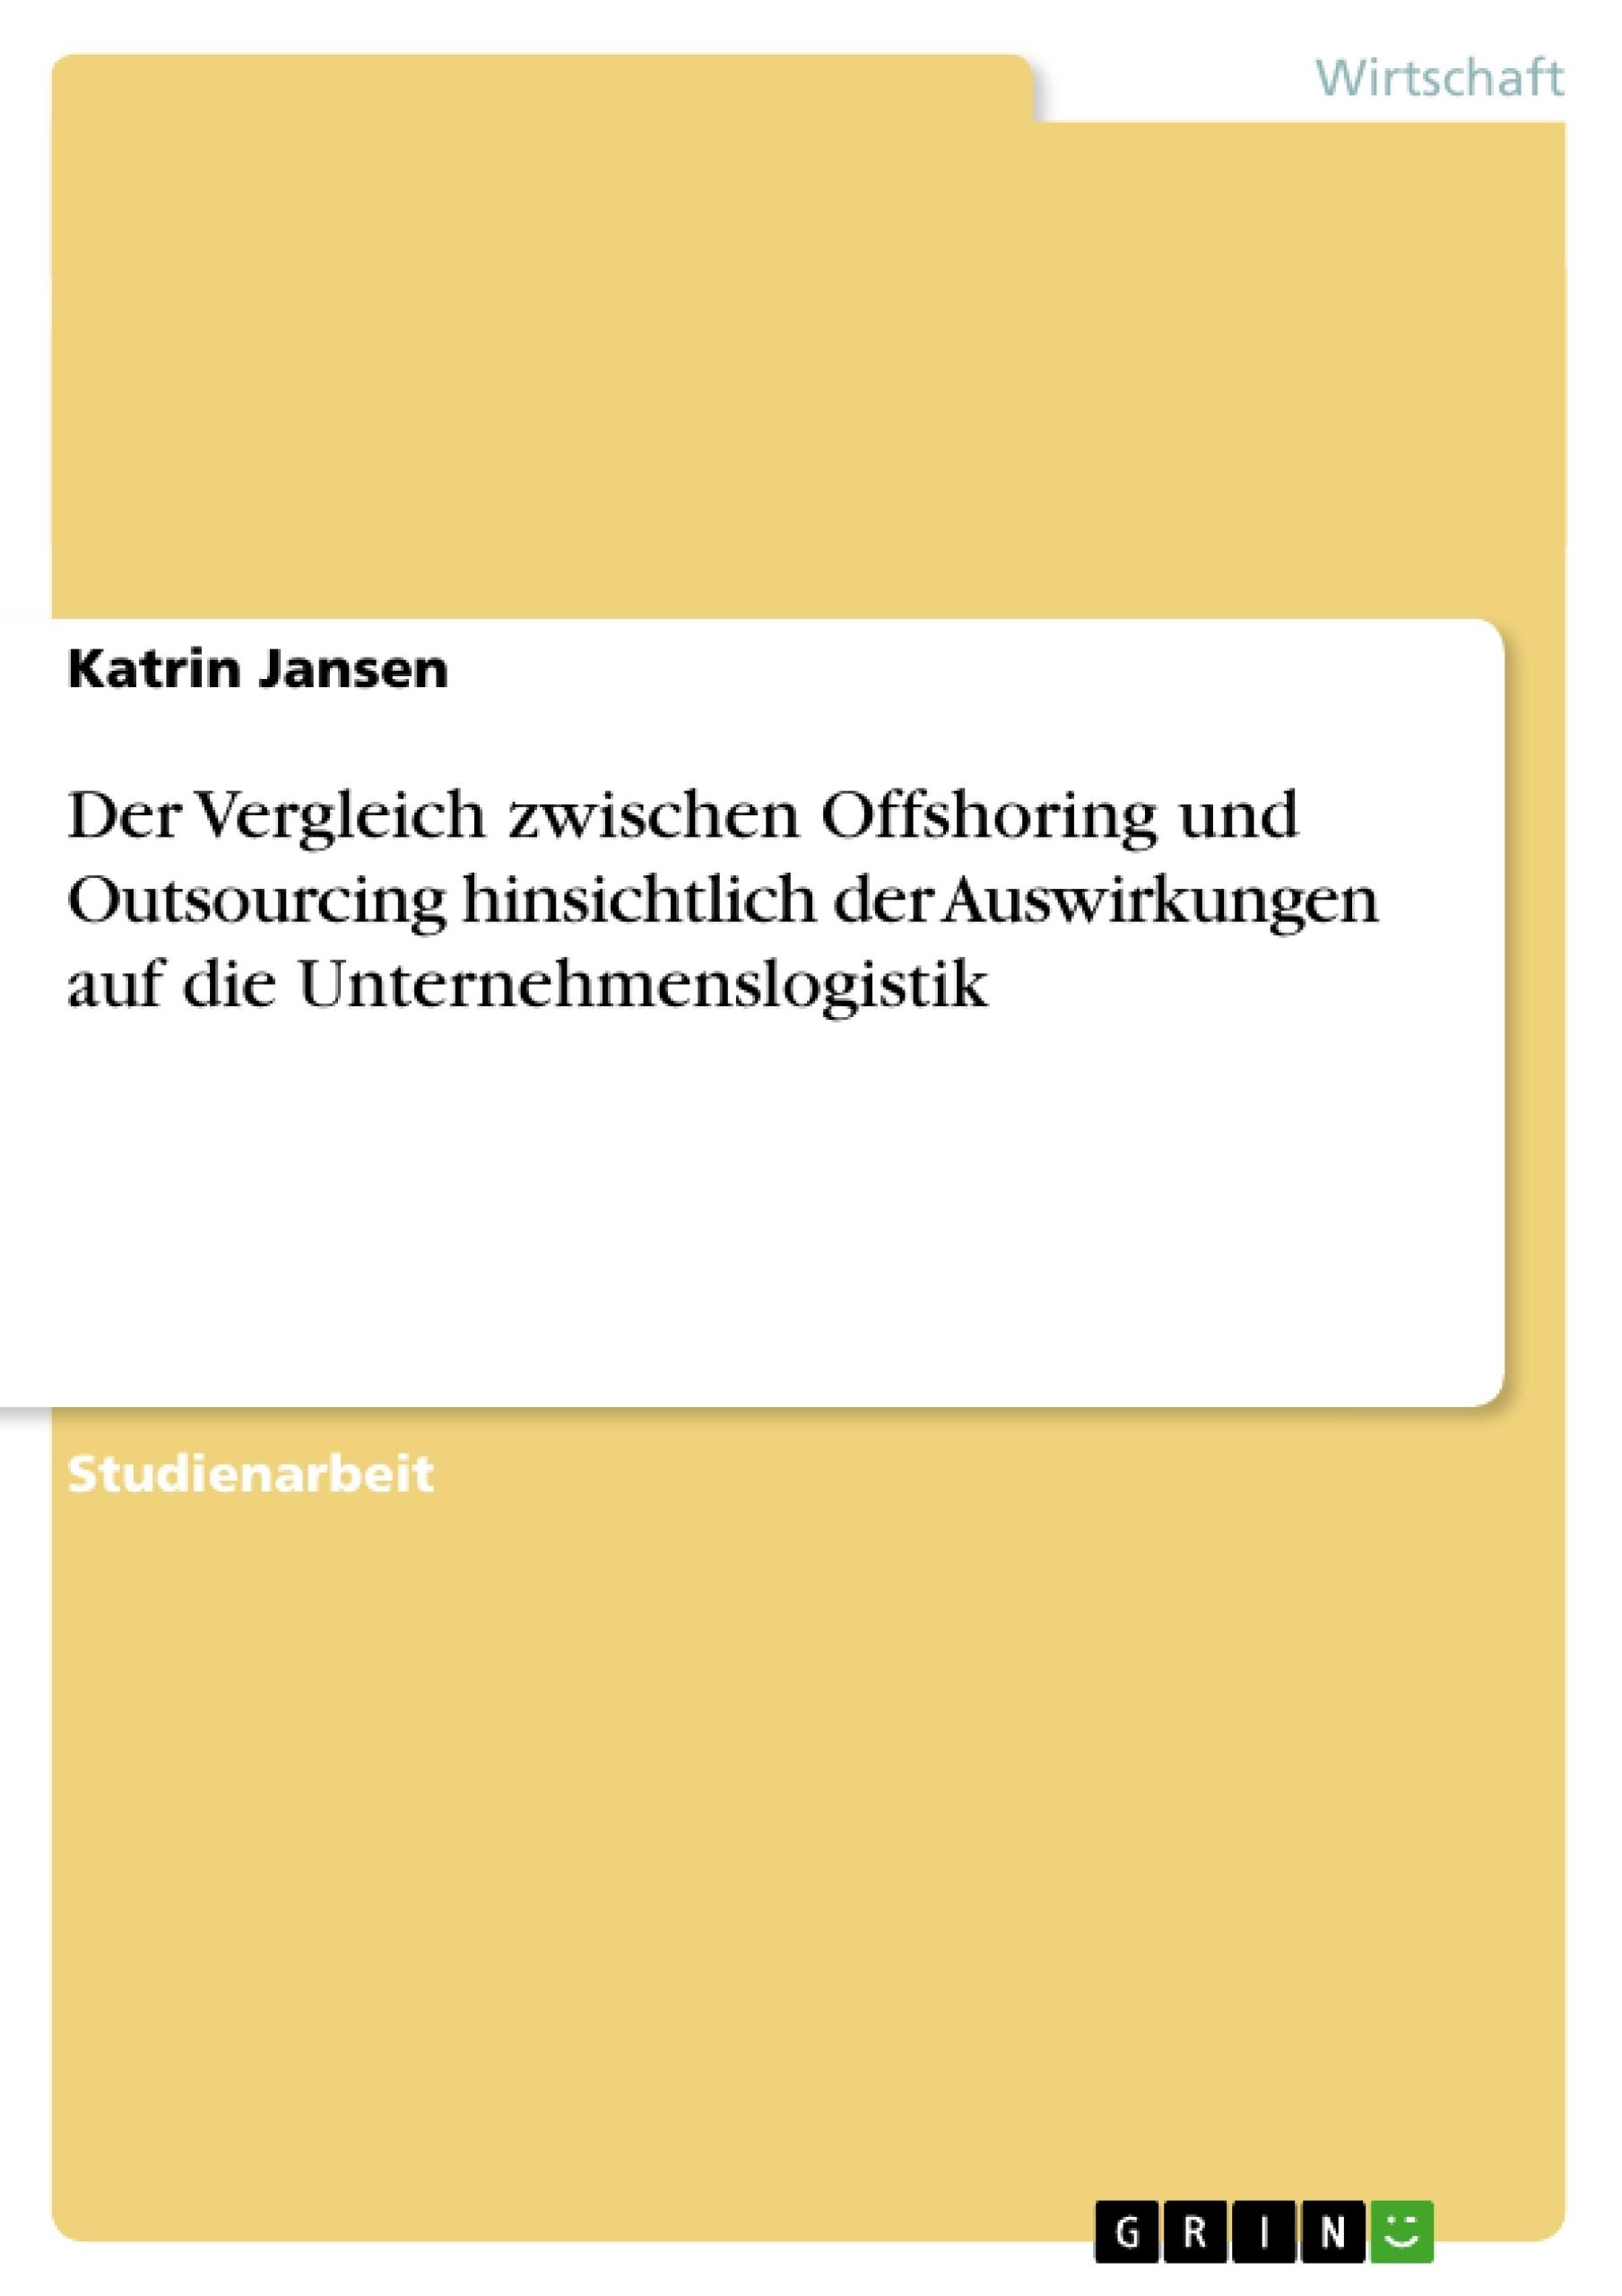 Titel: Der Vergleich zwischen Offshoring und Outsourcing hinsichtlich der Auswirkungen auf die Unternehmenslogistik